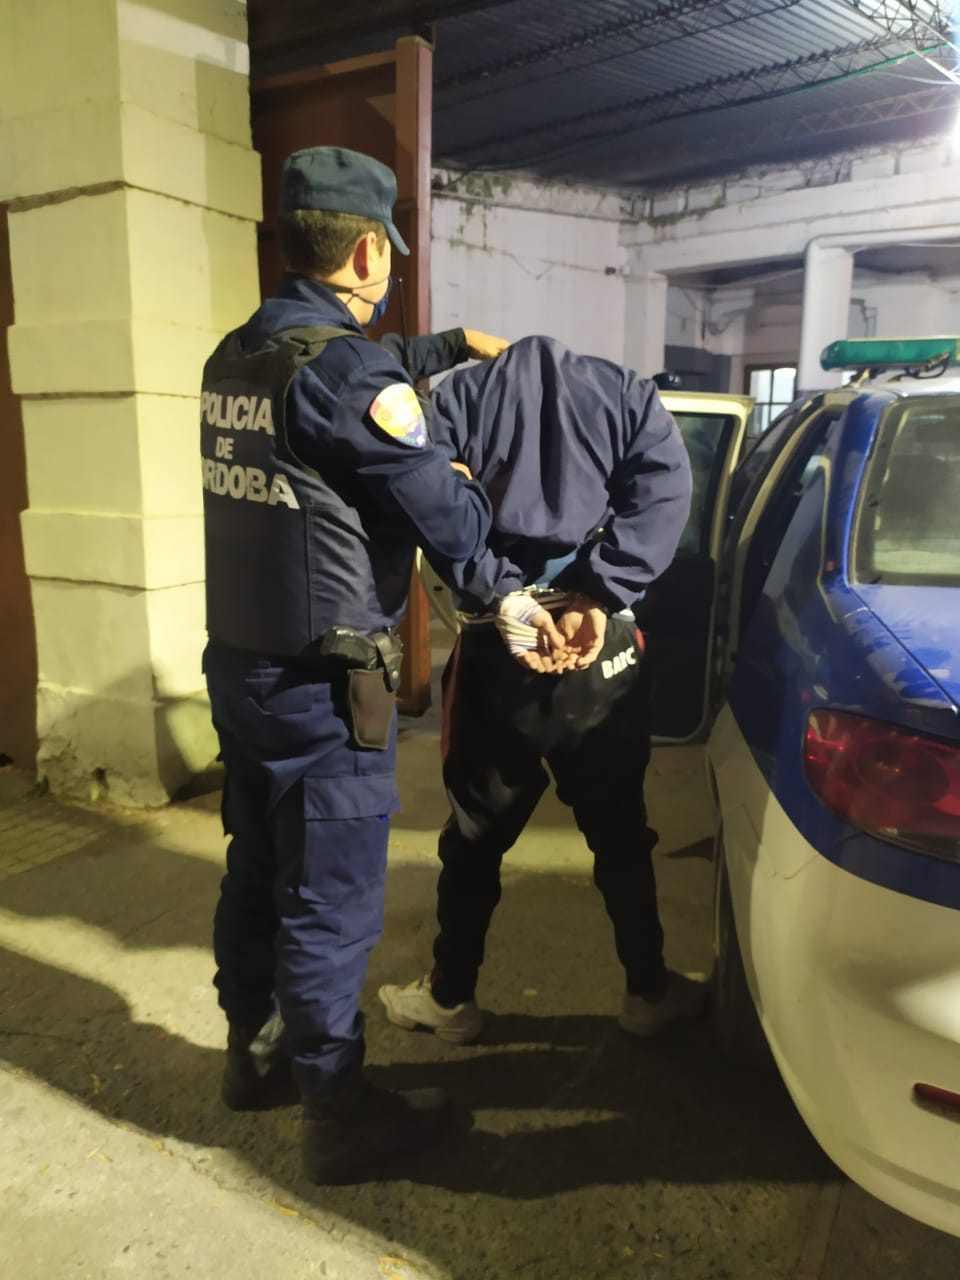 Ocurrió anoche en barrio Norte. Dos detenidos y secuestro del rodado y de herramientas varias.